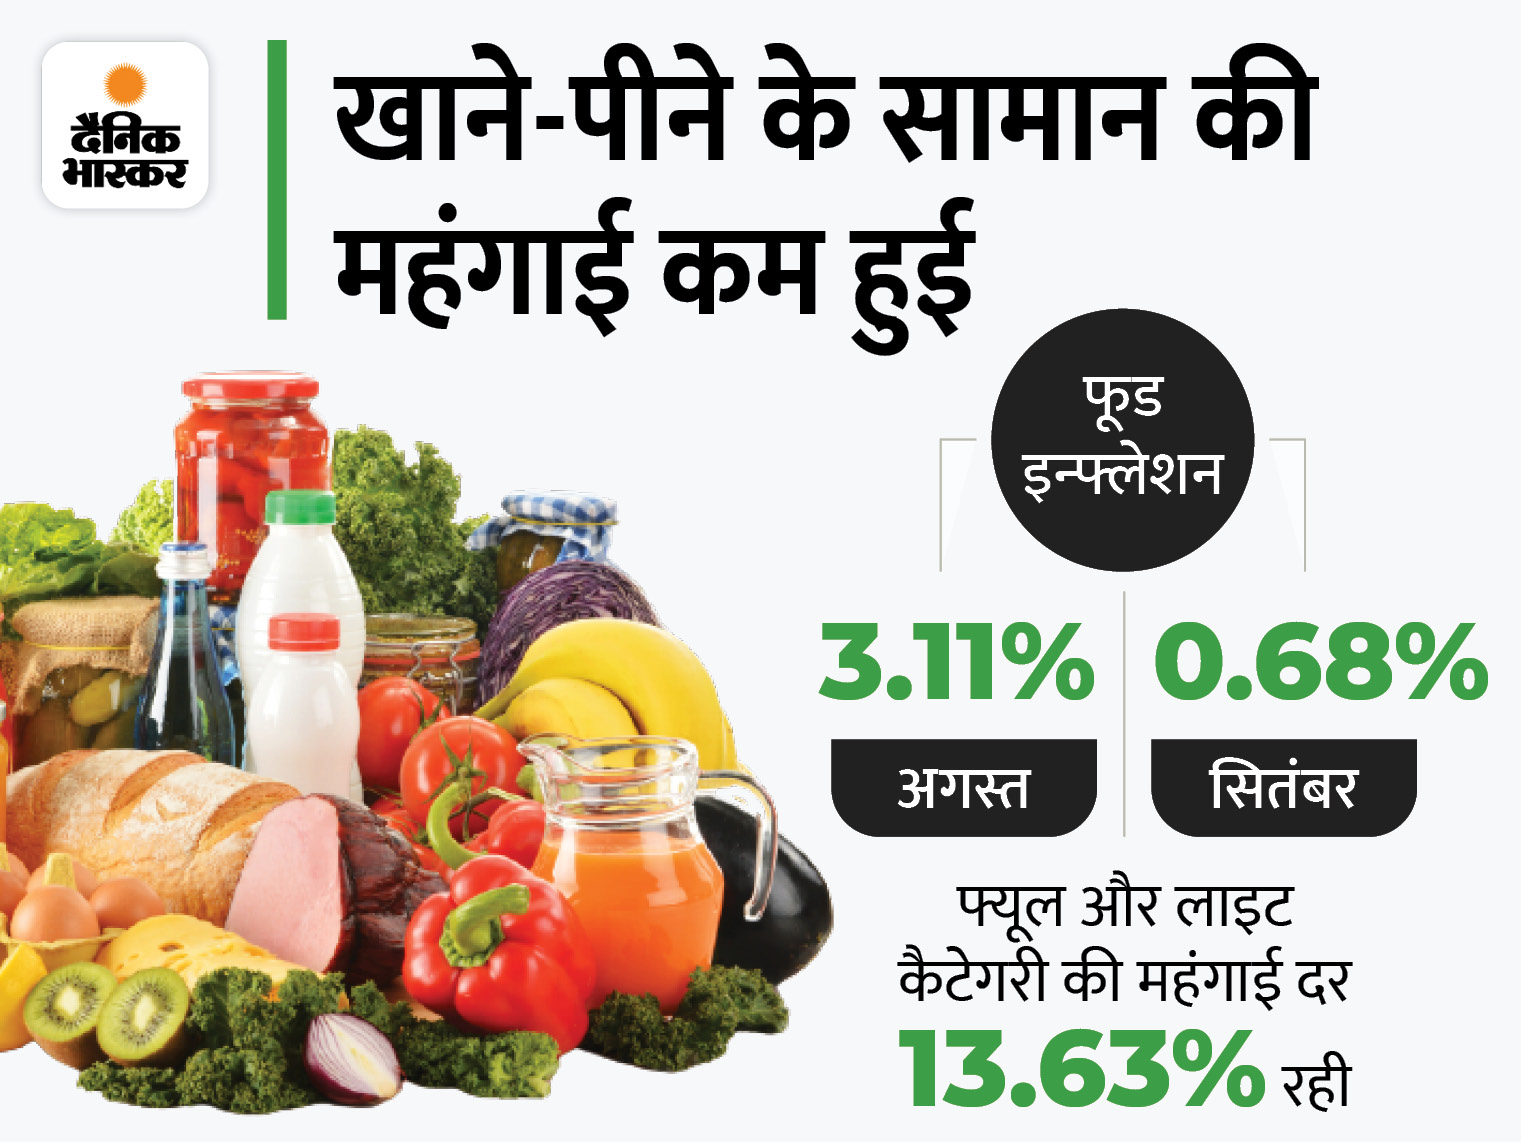 पांच महीने के निचले स्तर पर पहुंची रिटेल महंगाई, सब्जियों के दाम 22% गिरे|बिजनेस,Business - Dainik Bhaskar